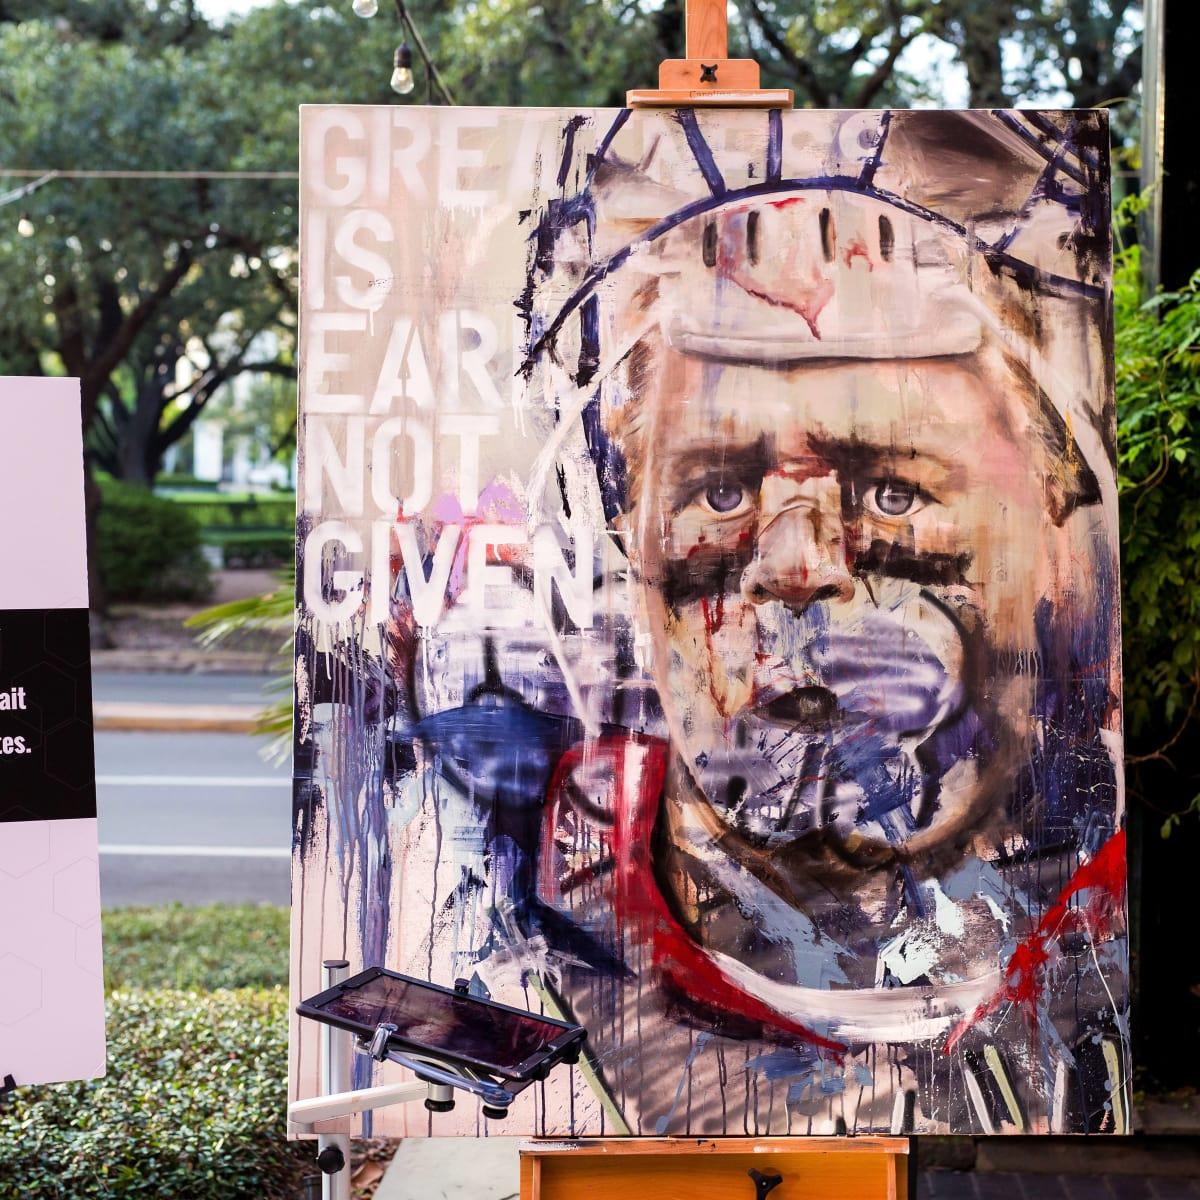 Houston, SportsMap launch party, October 2017, J.J. Watt by Franky Cardona